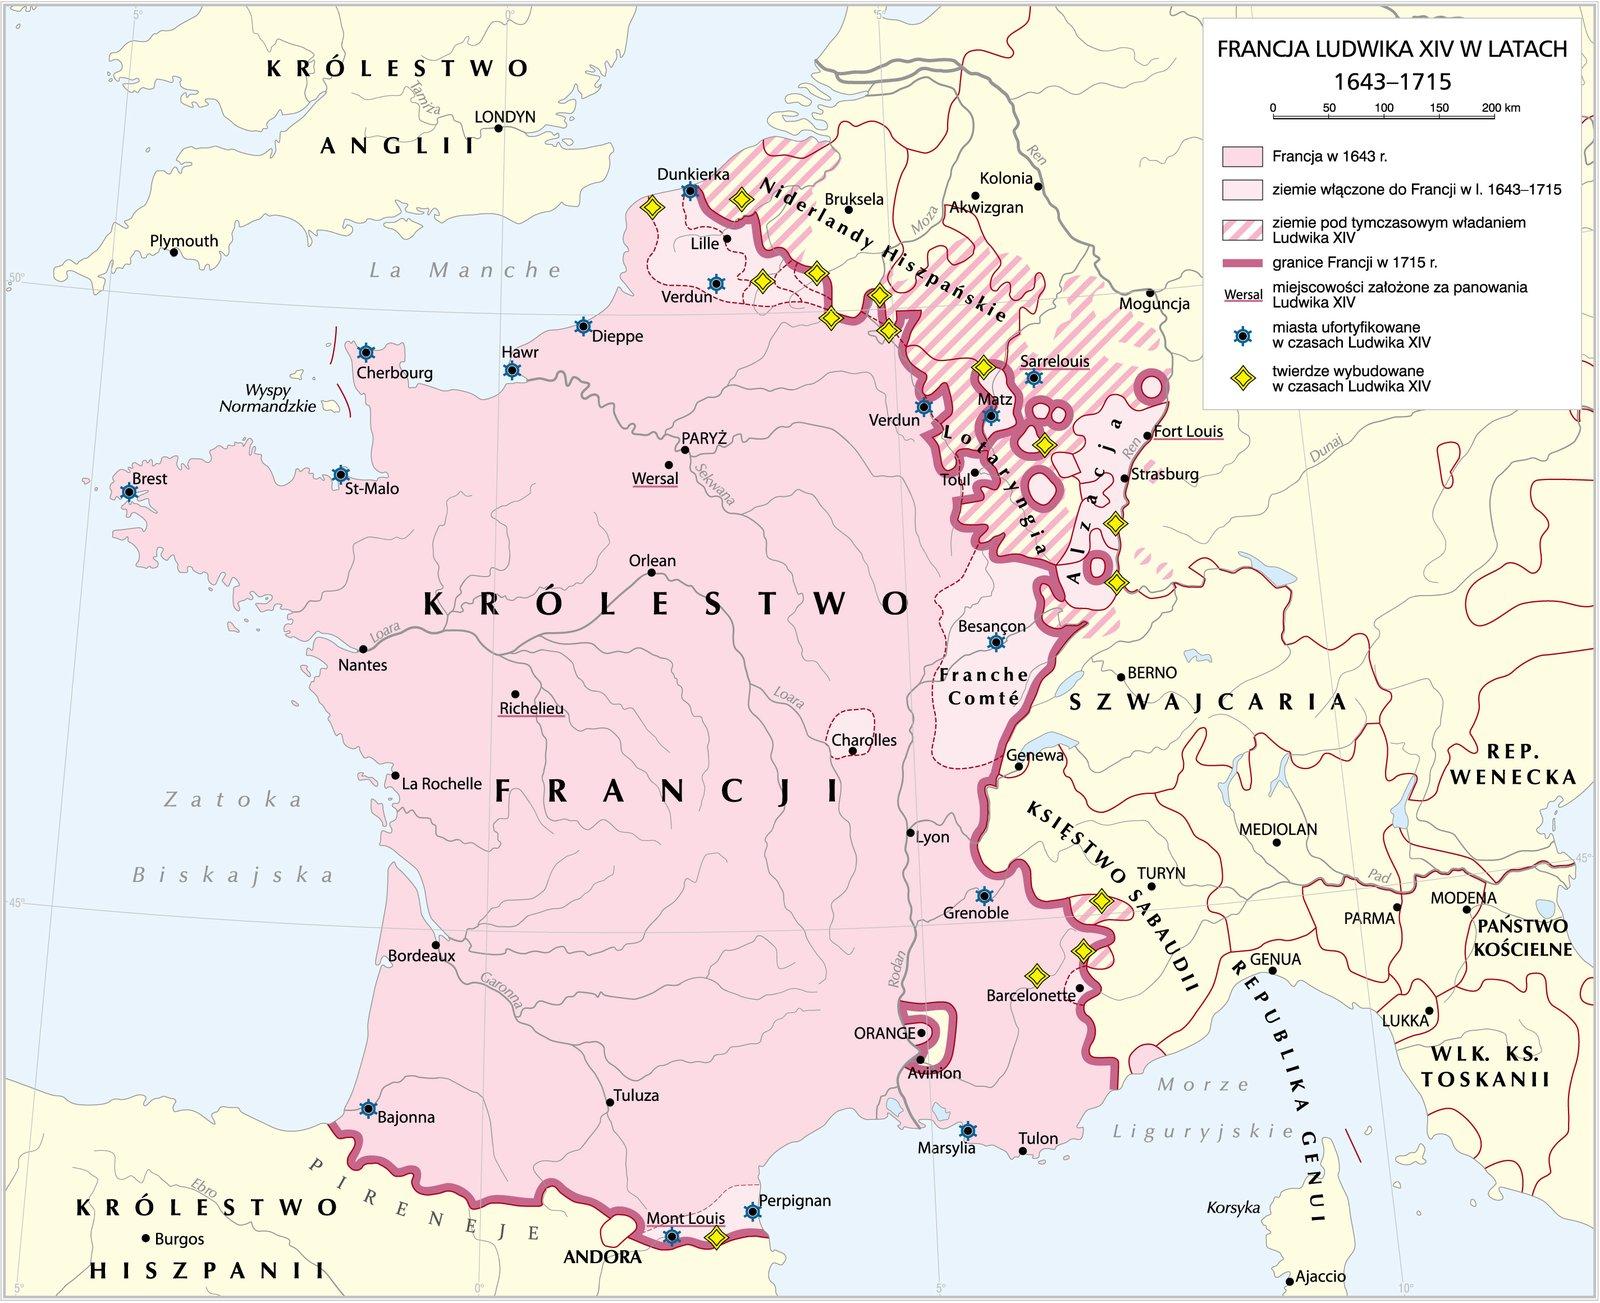 Francja Ludwika XVI Francja Ludwika XVI Źródło: Krystian Chariza izespół, licencja: CC BY-SA 3.0.